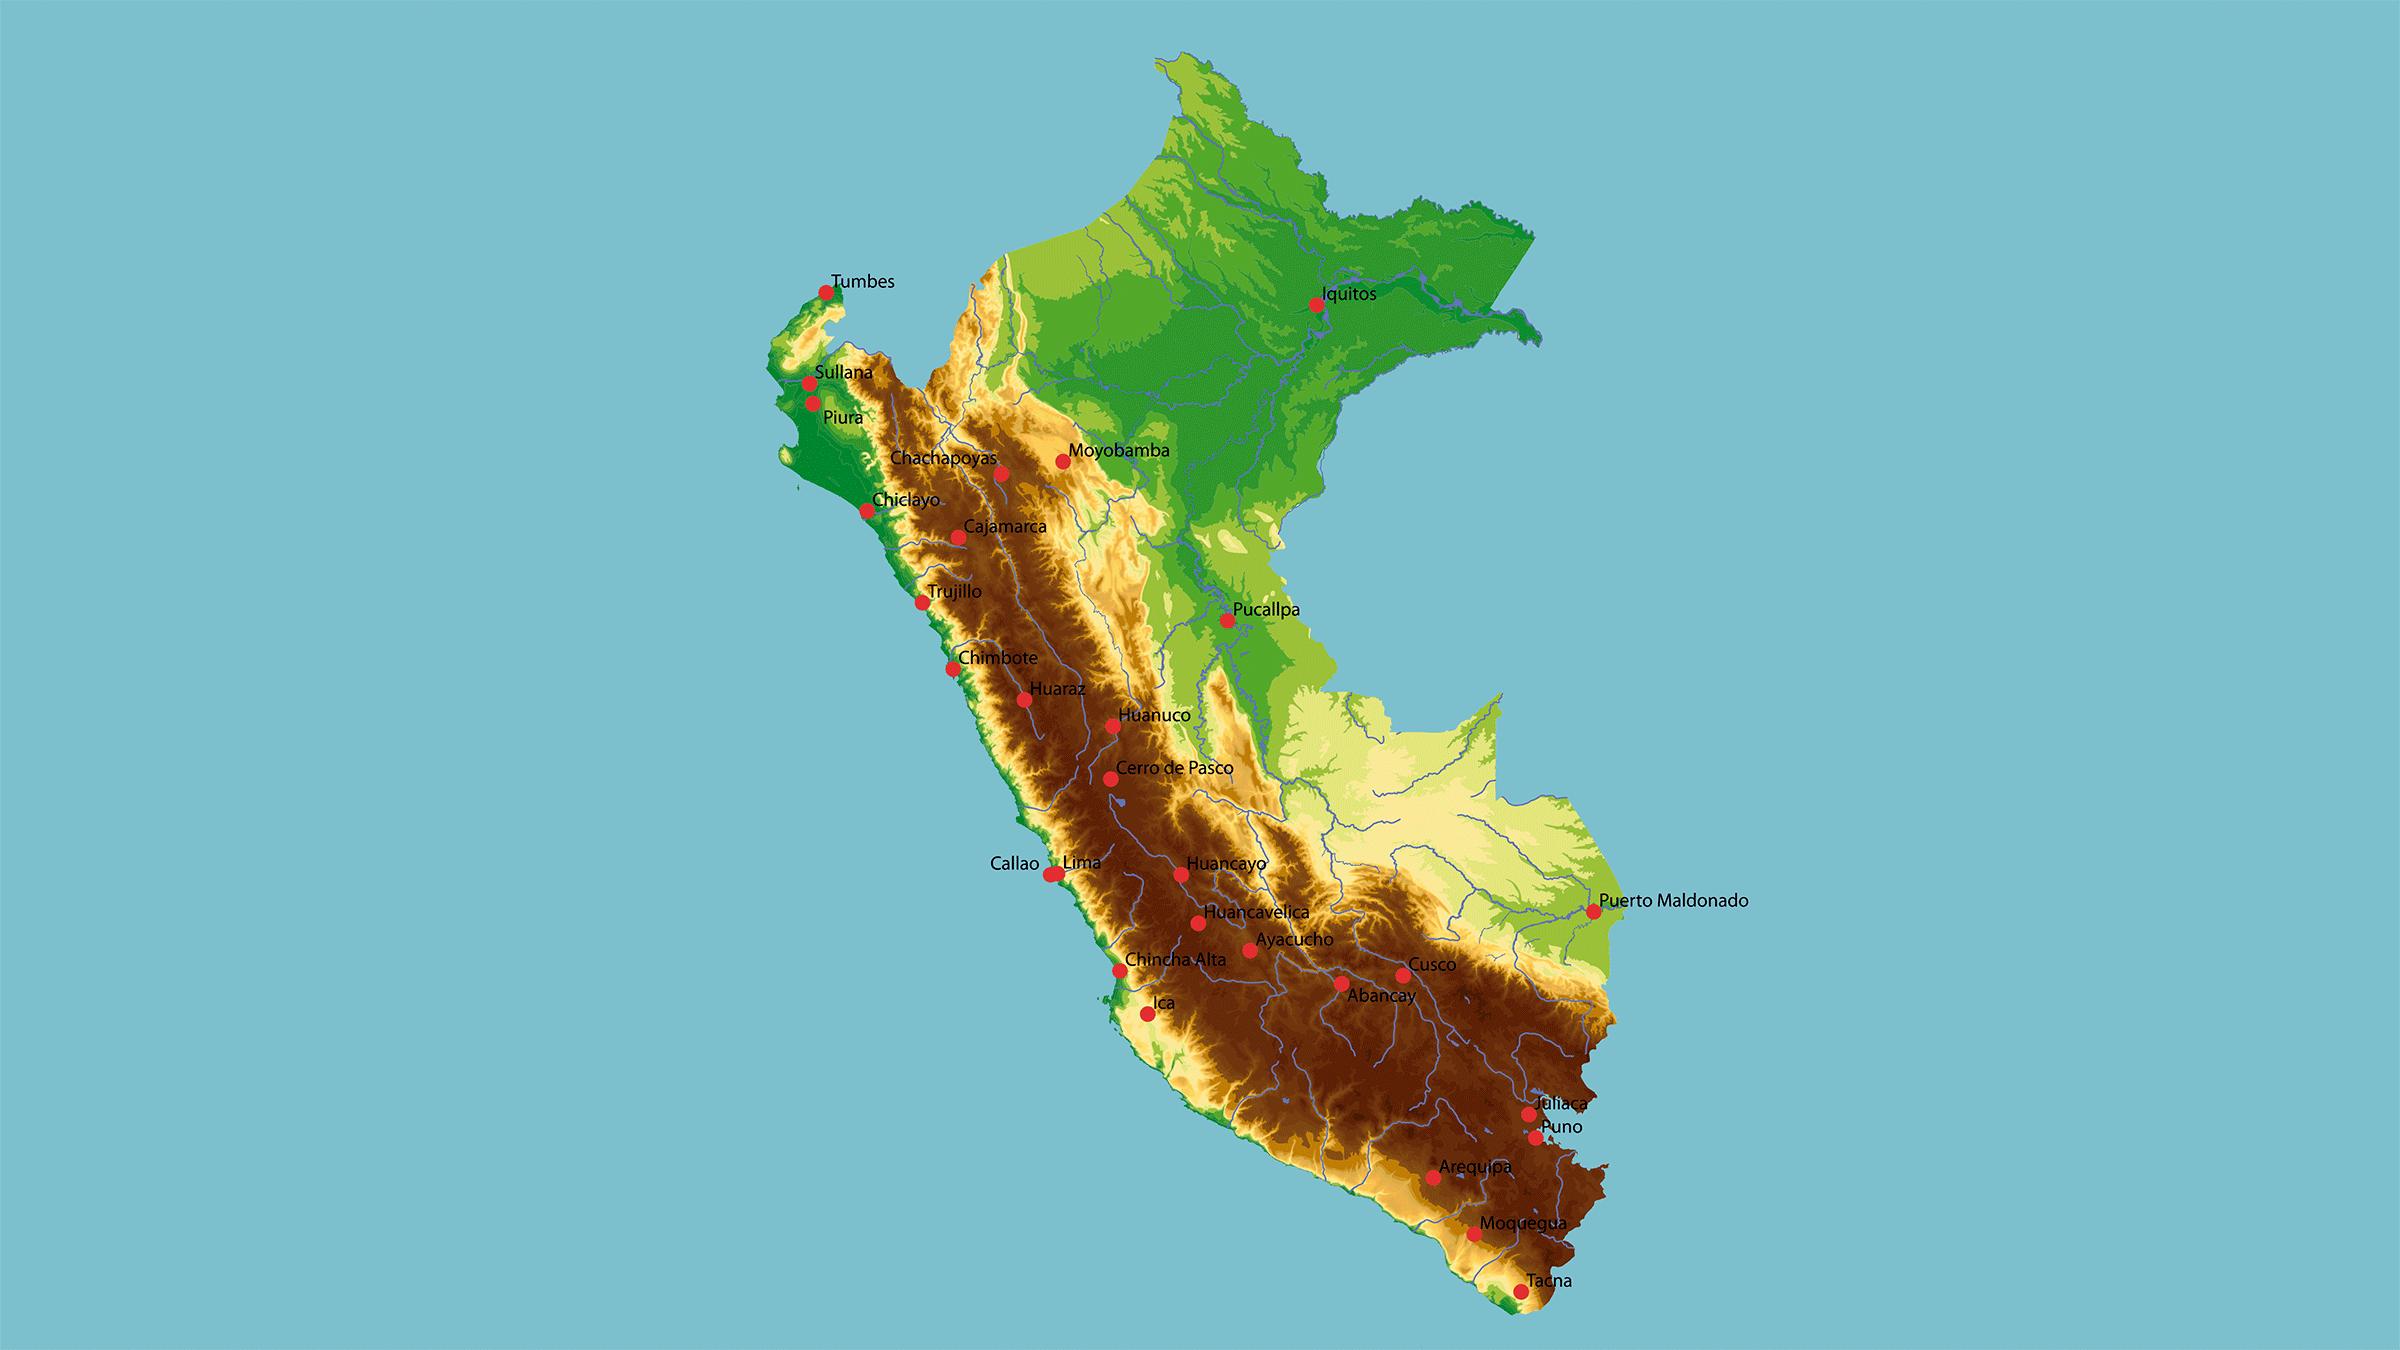 Mapa Geográfico del Perú